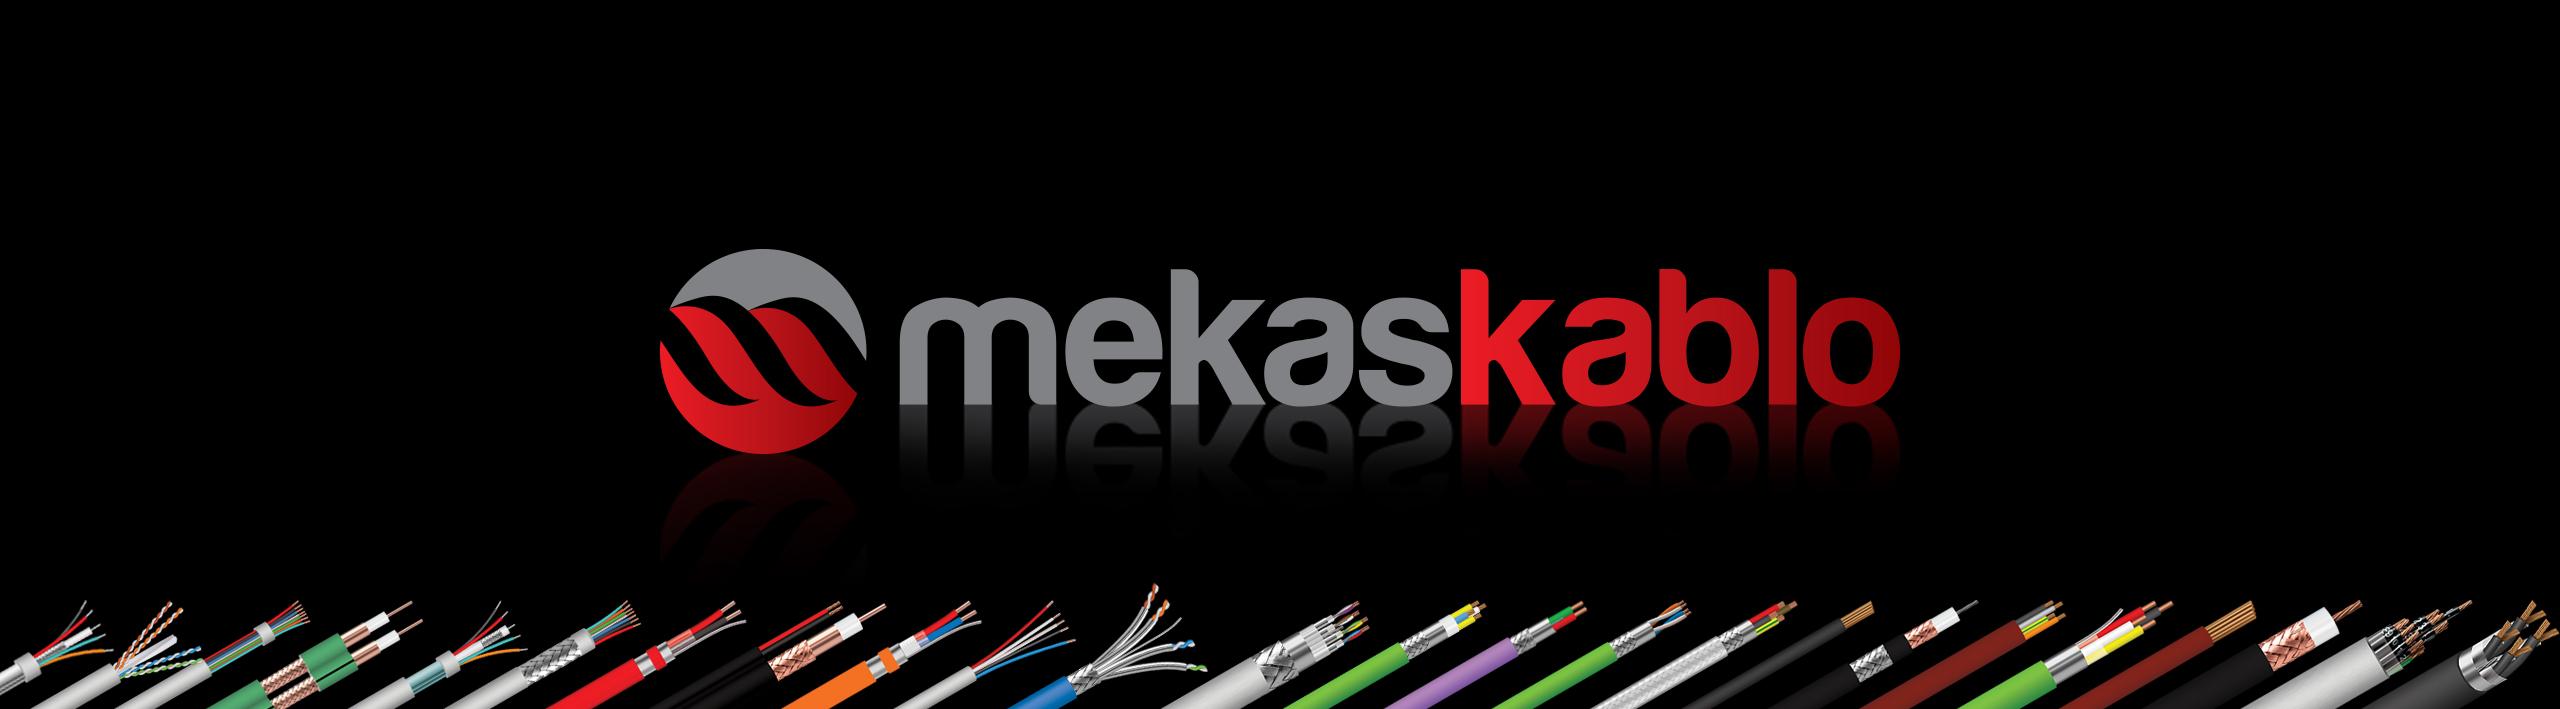 mekas kablo logo